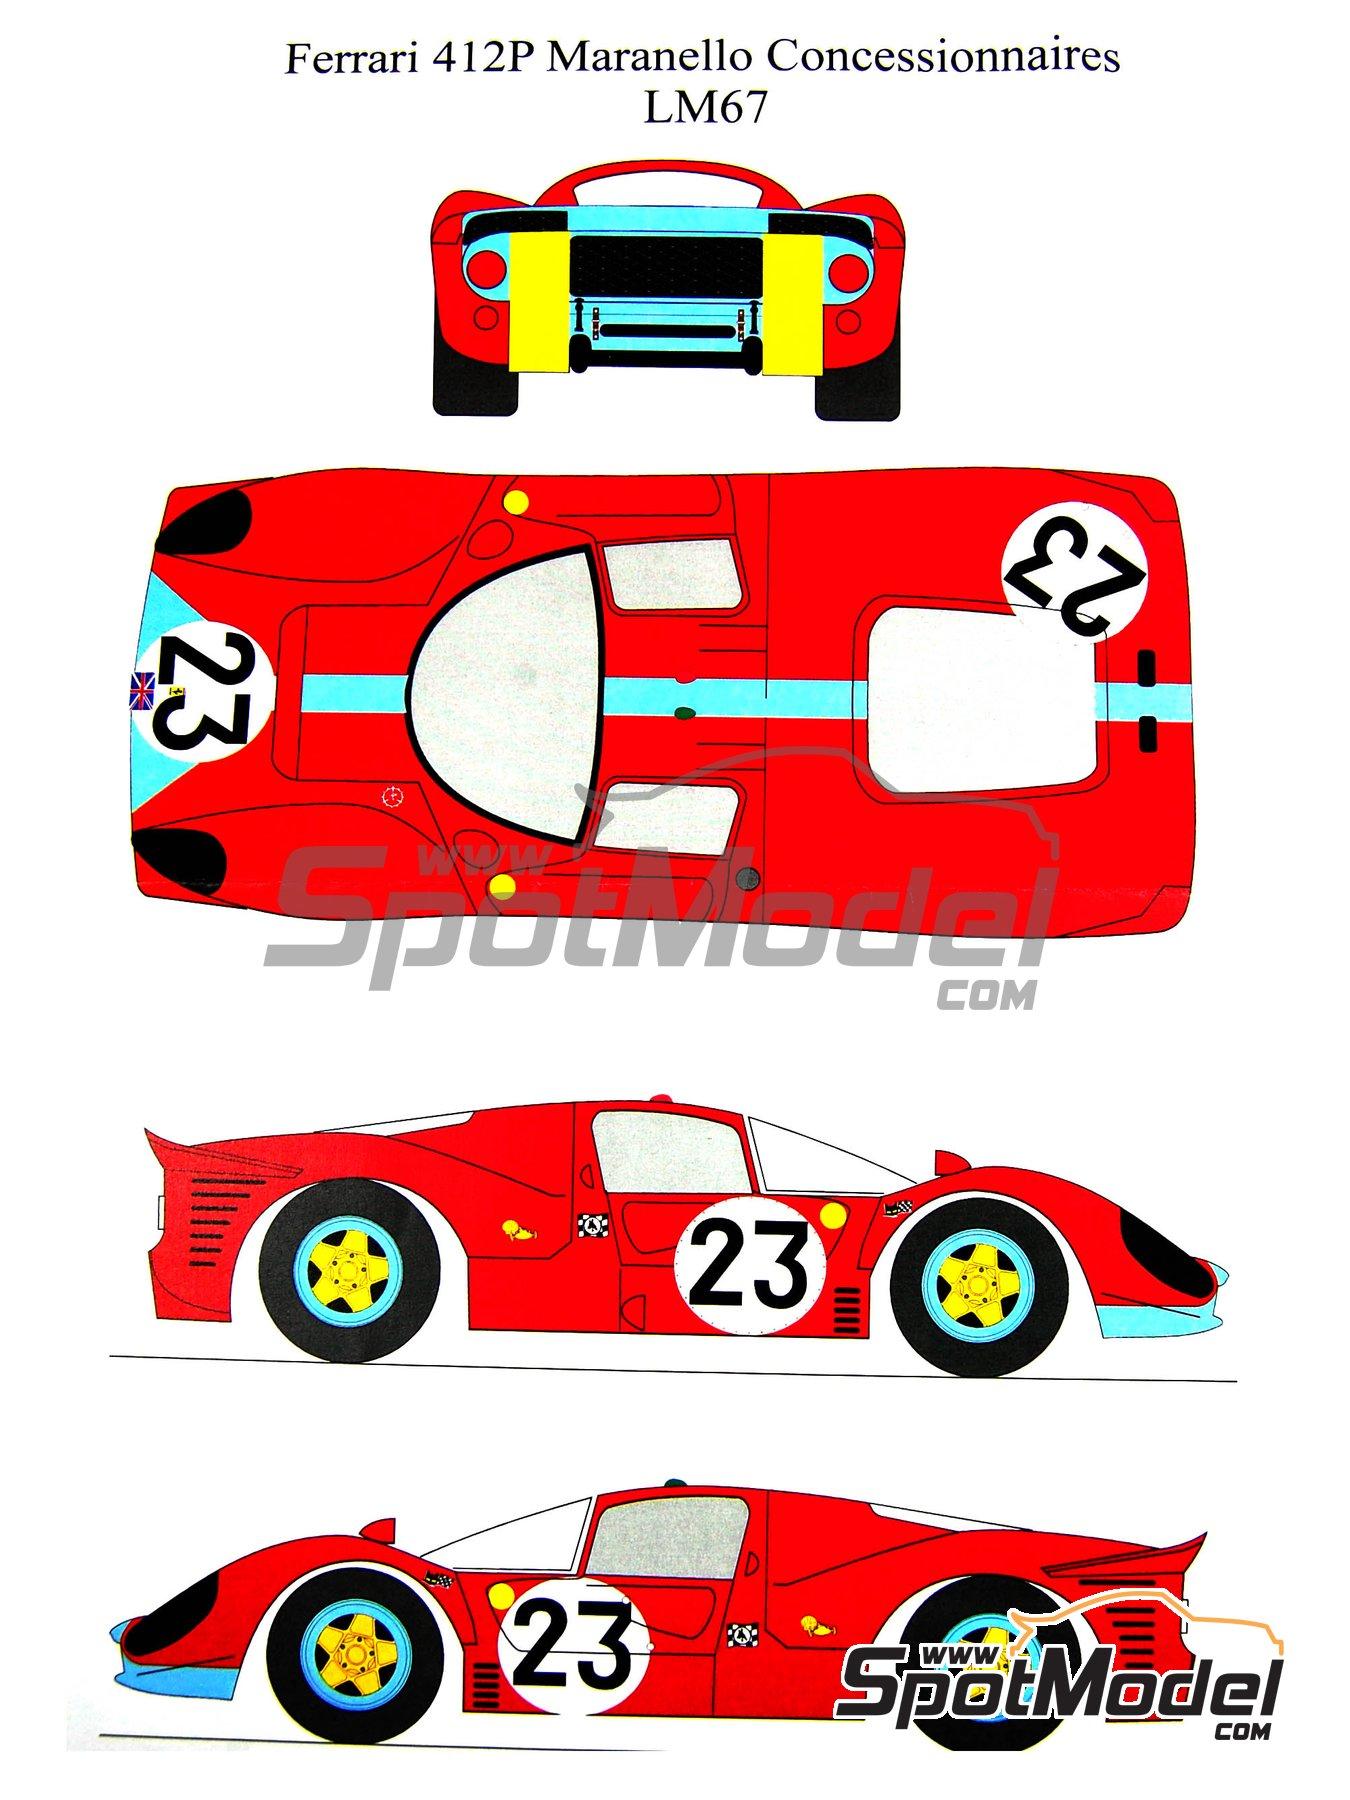 Ferrari 412 P Maranello Concessionaires - 24 Horas de Le Mans 1967 | Decoración en escala1/24 fabricado por Renaissance Models (ref.TK24-212DS) image